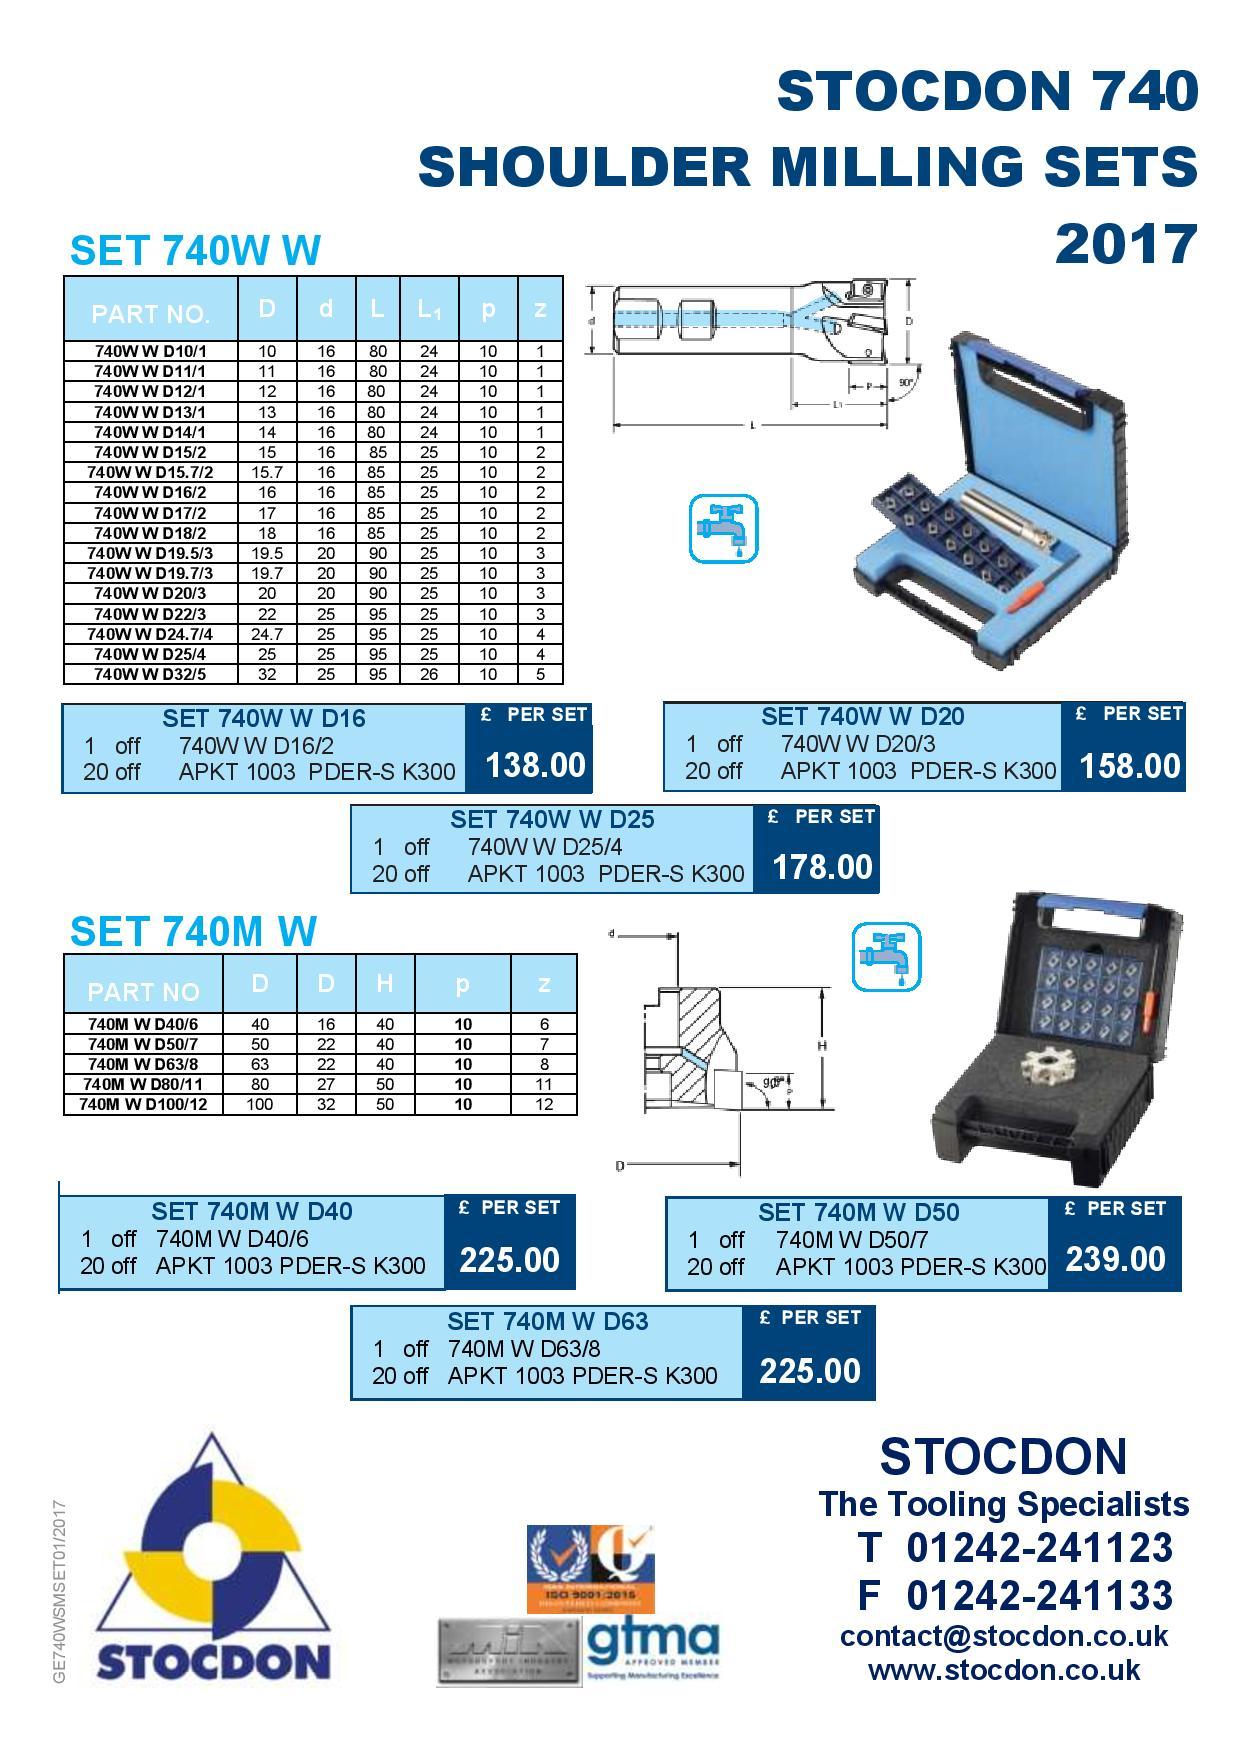 STOCDON-740W-SHOULDER-MILLING-SETS-2017-page-001.jpg